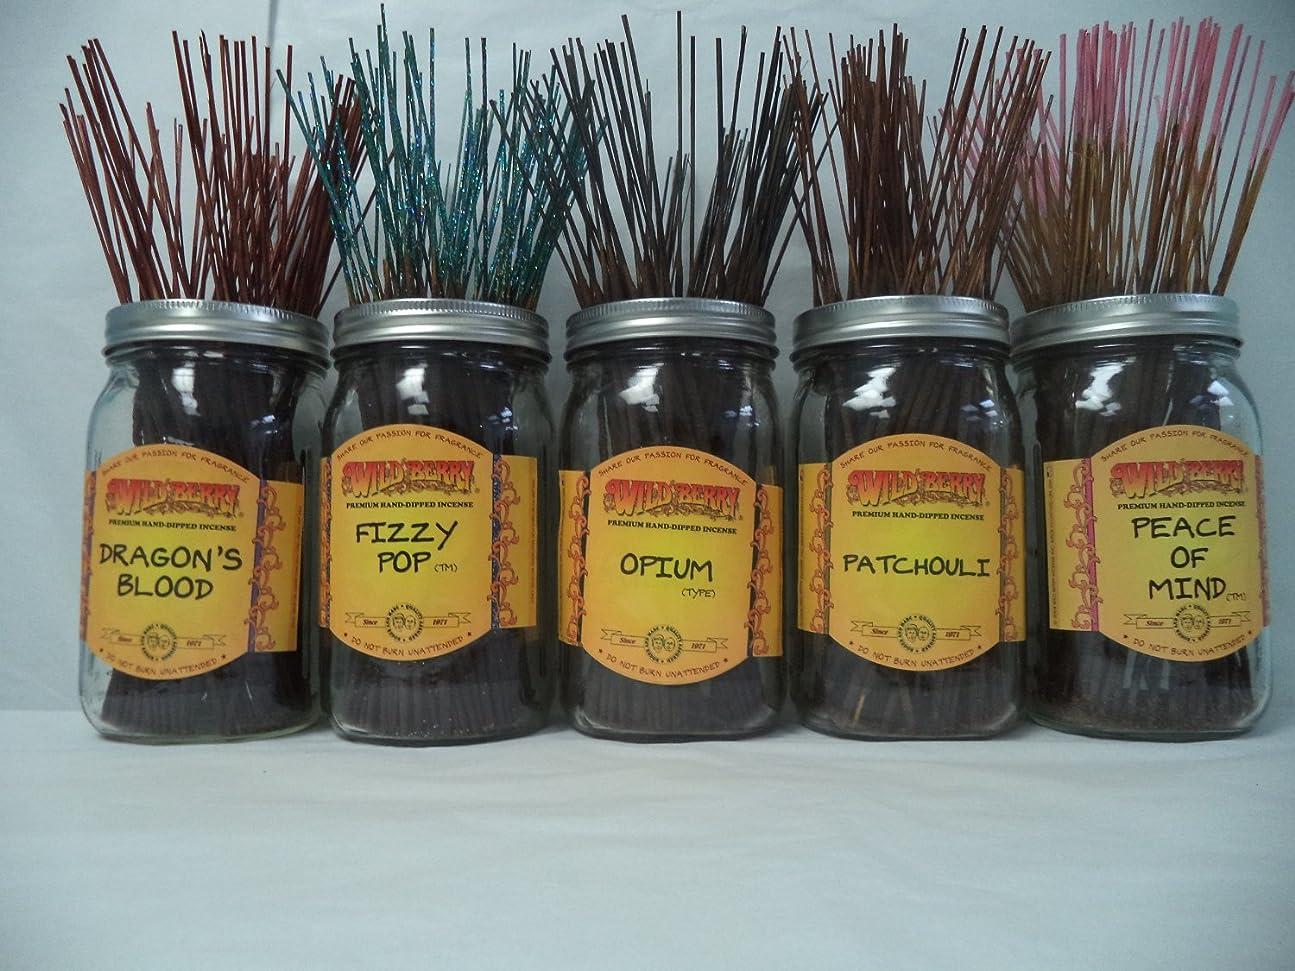 信条宝石巨大なWildberry Incense Sticks Best Seller Set #1: 20 Sticks Each of 5 Scents, Total 100 Sticks!